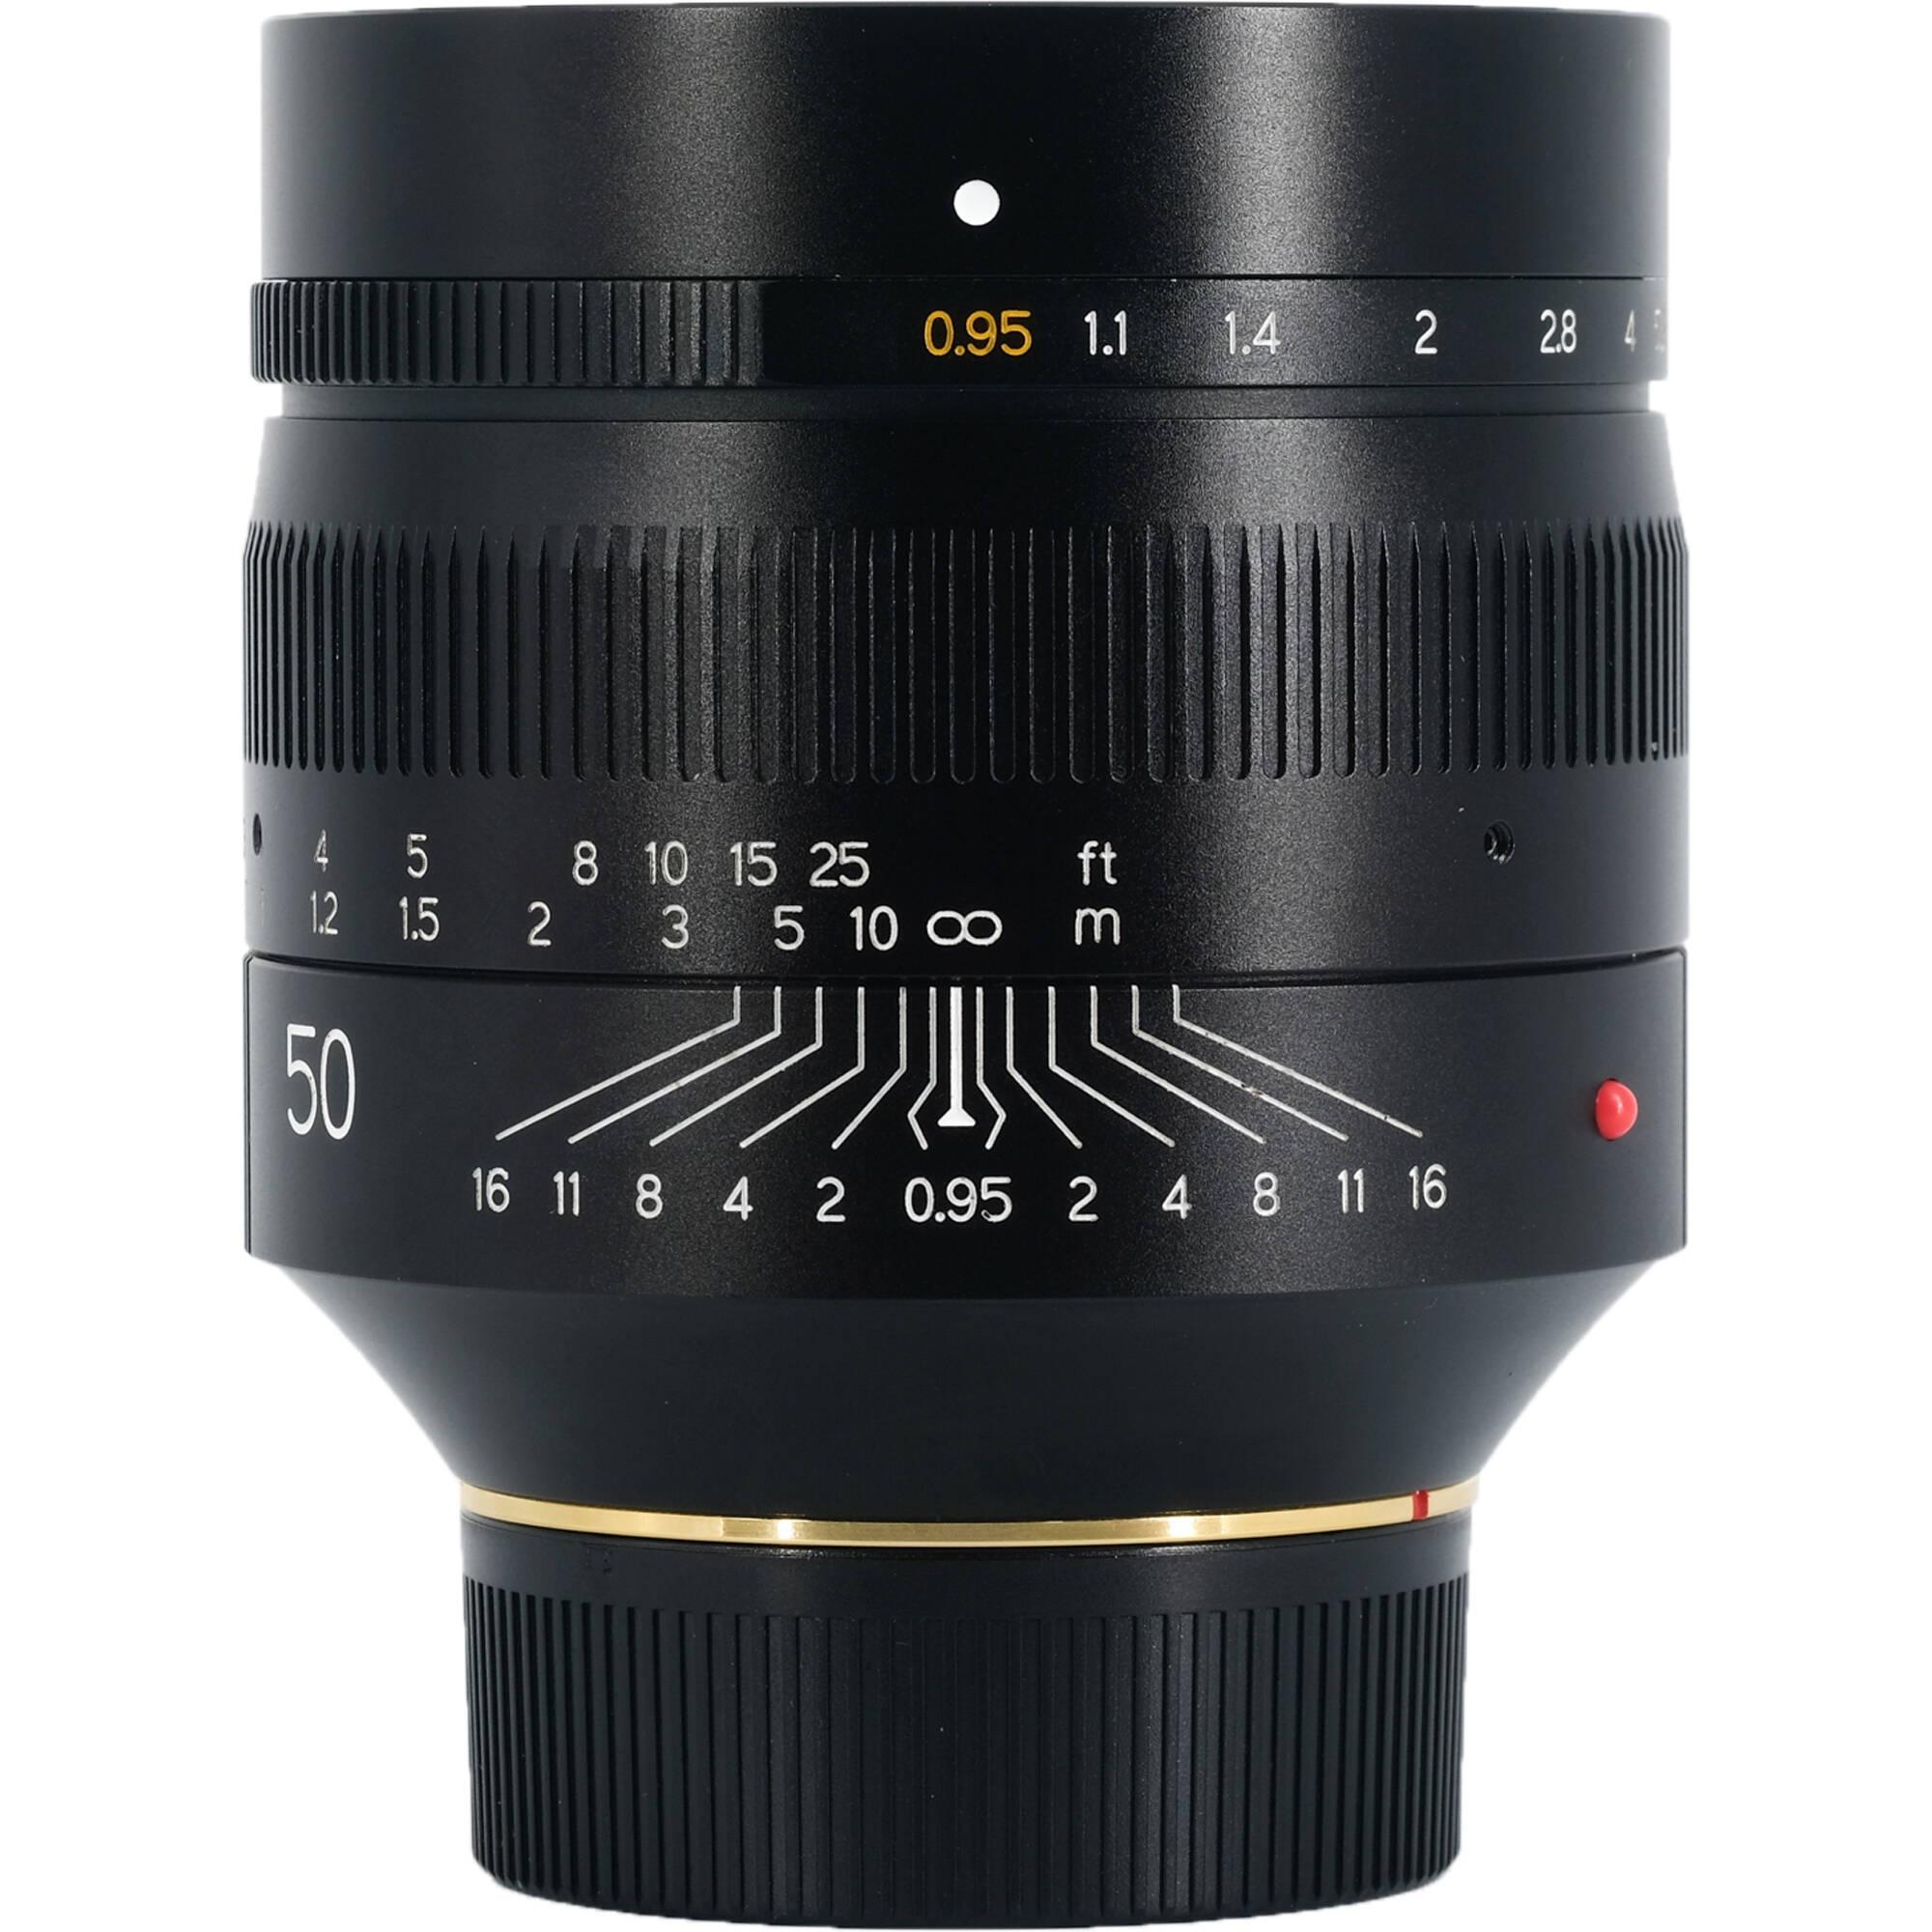 TTArtisan 50mm f/0.95 Lens for Leica M